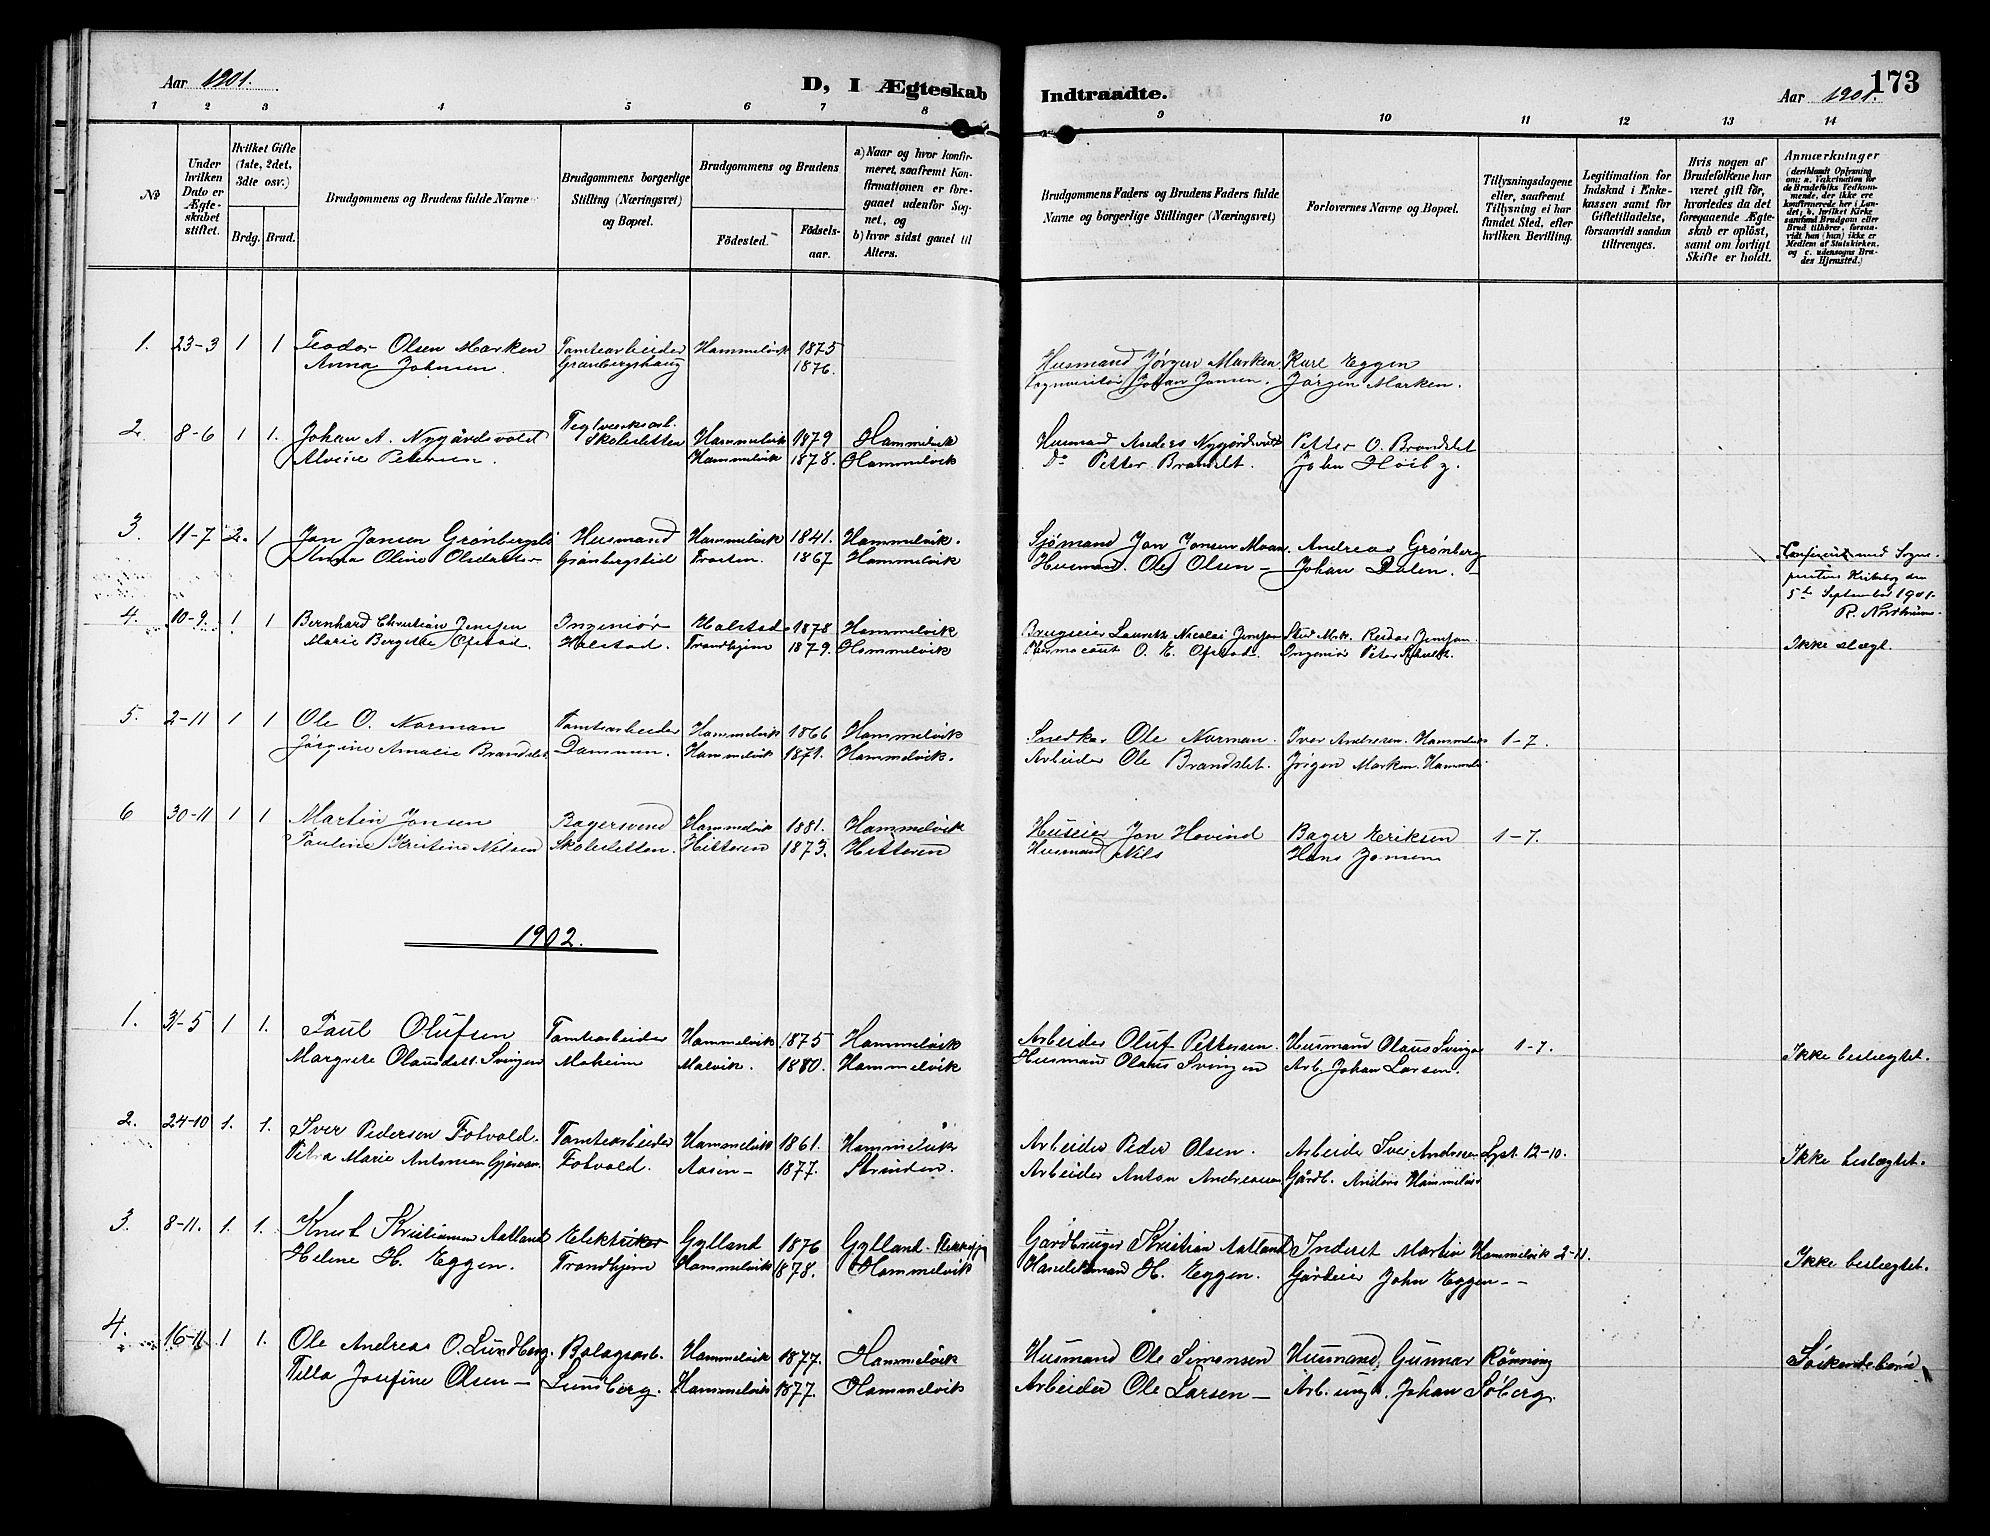 SAT, Ministerialprotokoller, klokkerbøker og fødselsregistre - Sør-Trøndelag, 617/L0431: Klokkerbok nr. 617C01, 1889-1910, s. 173